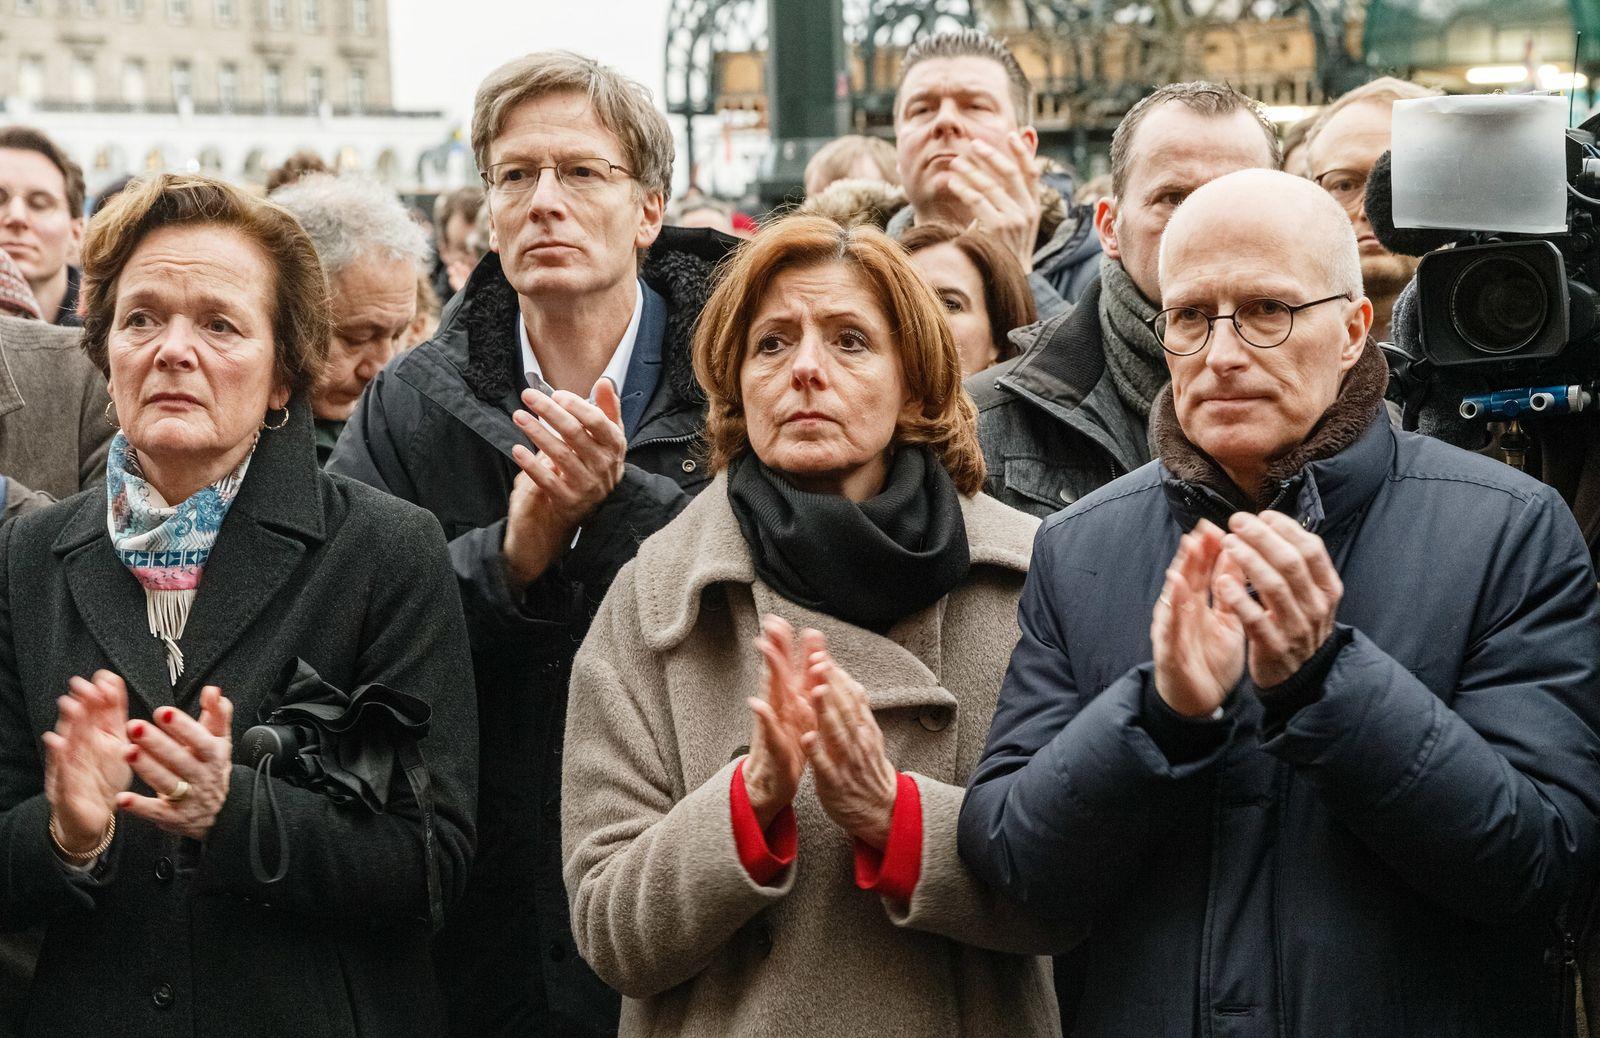 Nach Schüssen in Hanau - Gedenken in Hamburg